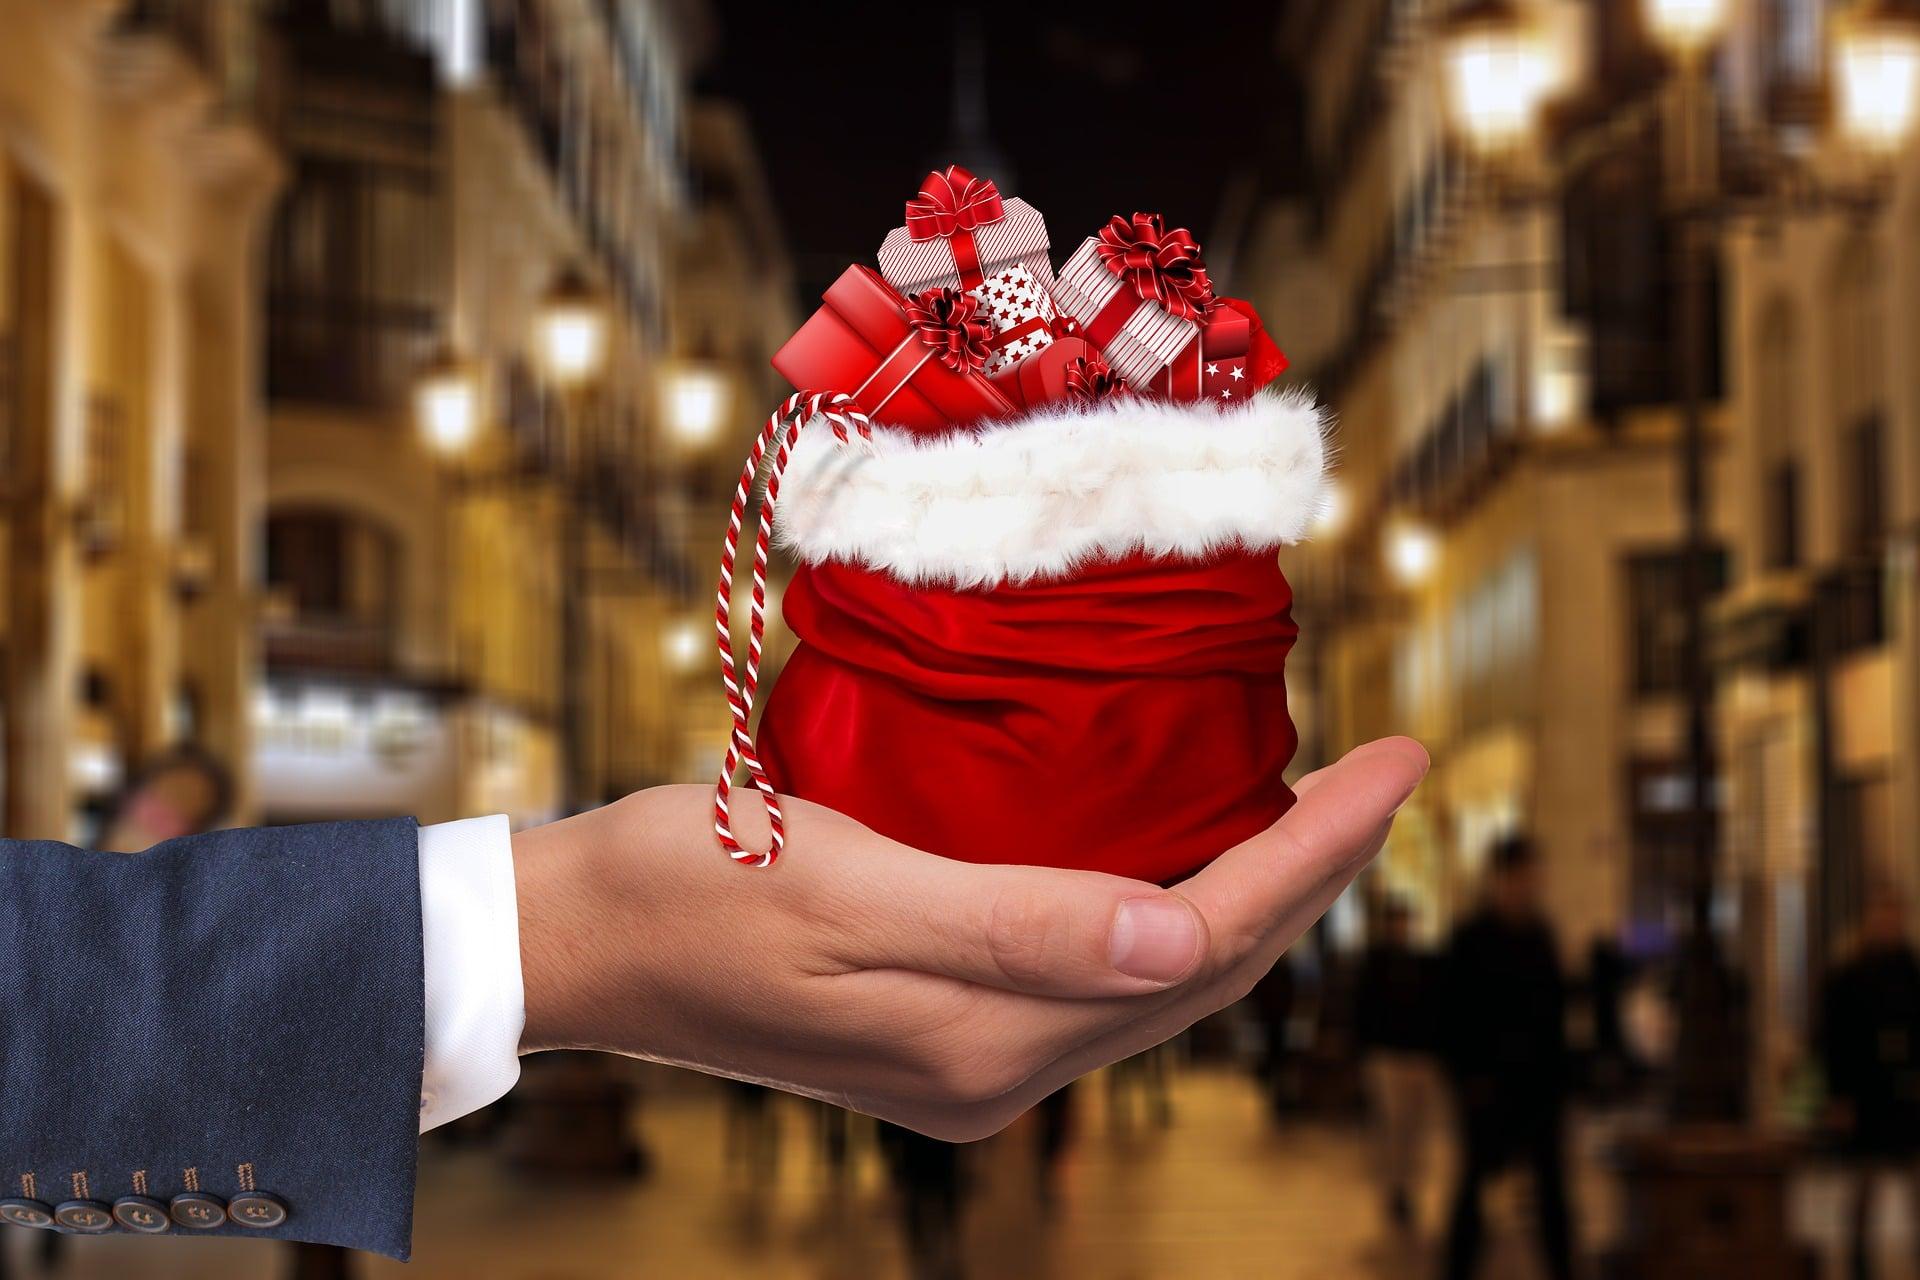 Planning de fin d'année : quand achetez-vous vos cadeaux de Noël ?